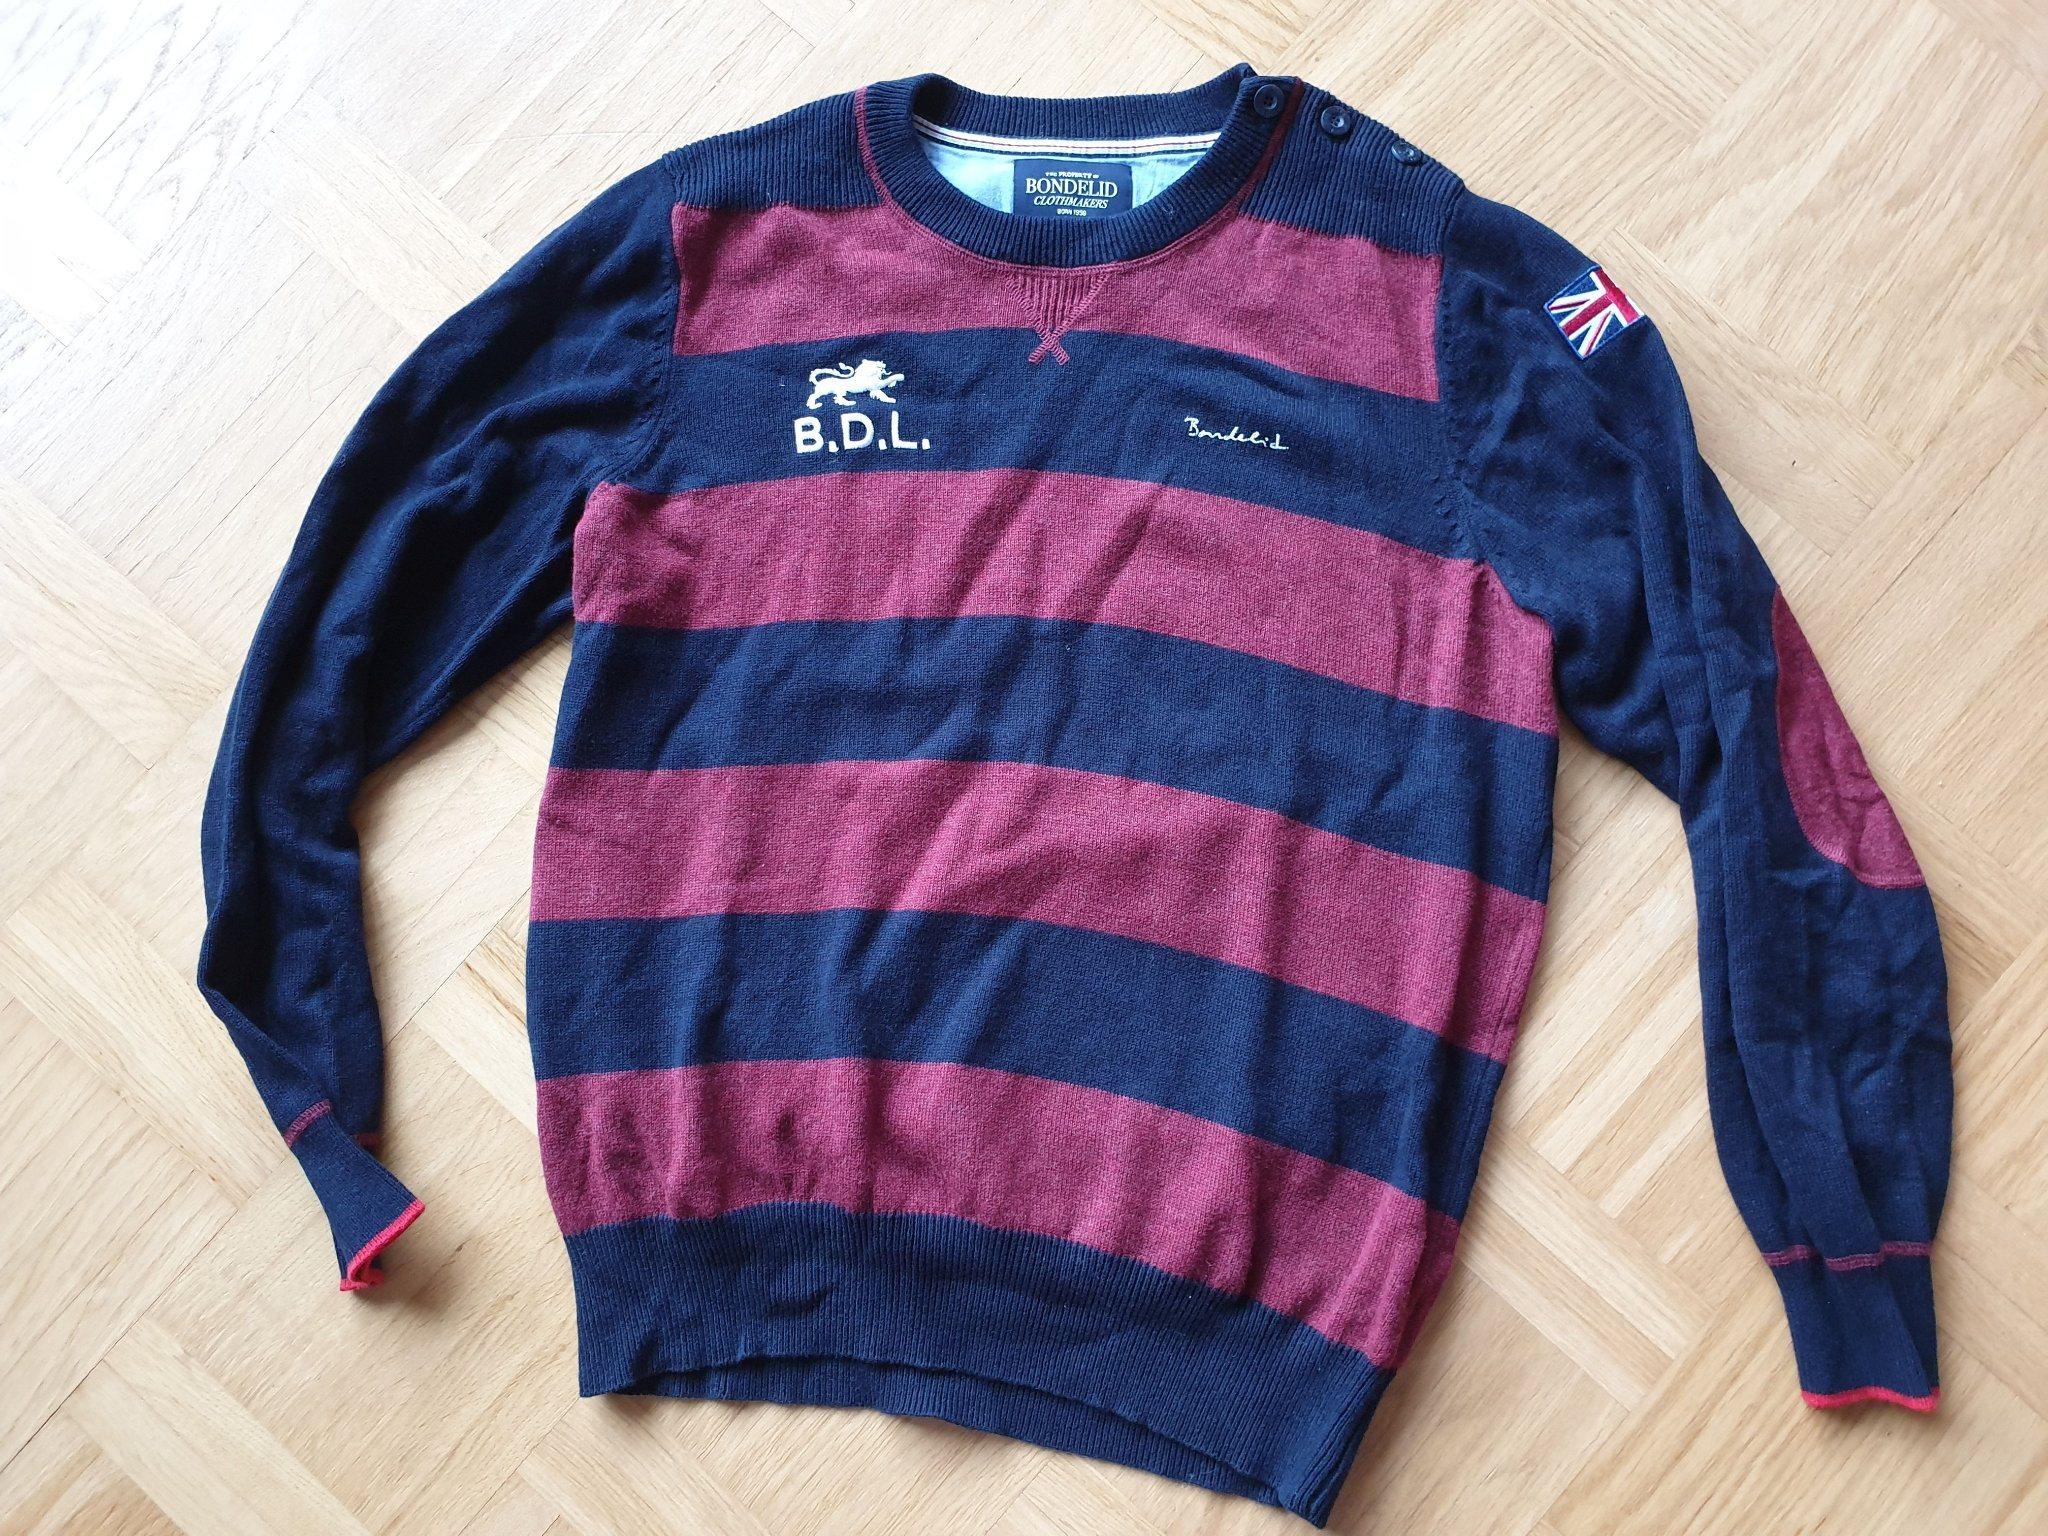 bb43f1a55aa2 Bondelid stickad tröja stl XL, som ny! (343153523) ᐈ Köp på Tradera